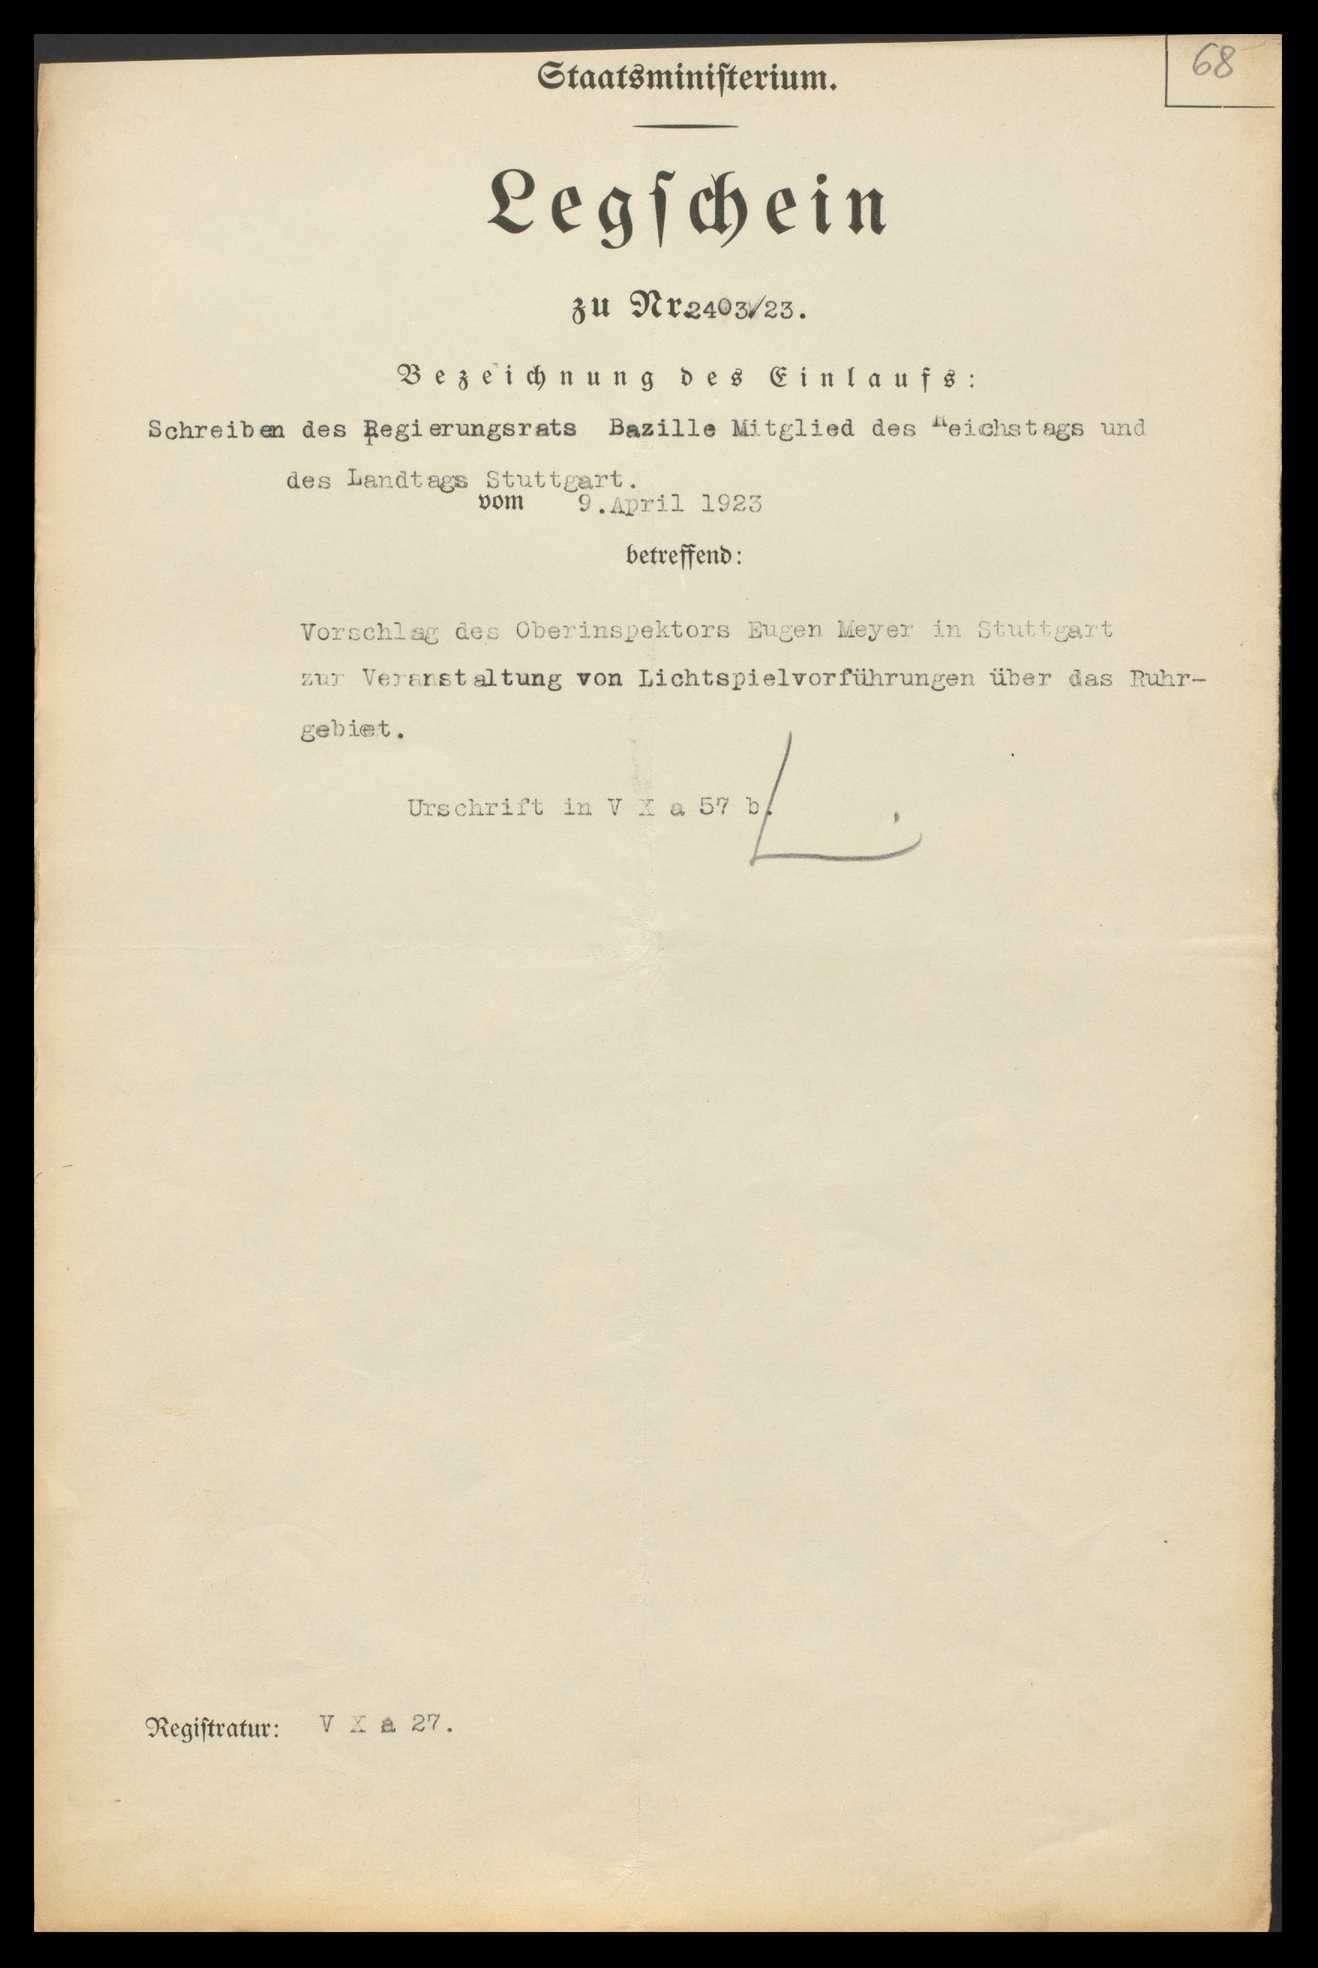 Reichszentrale für Heimatdienst, Landesabteilung Württemberg-Hohenzollern, Bild 1